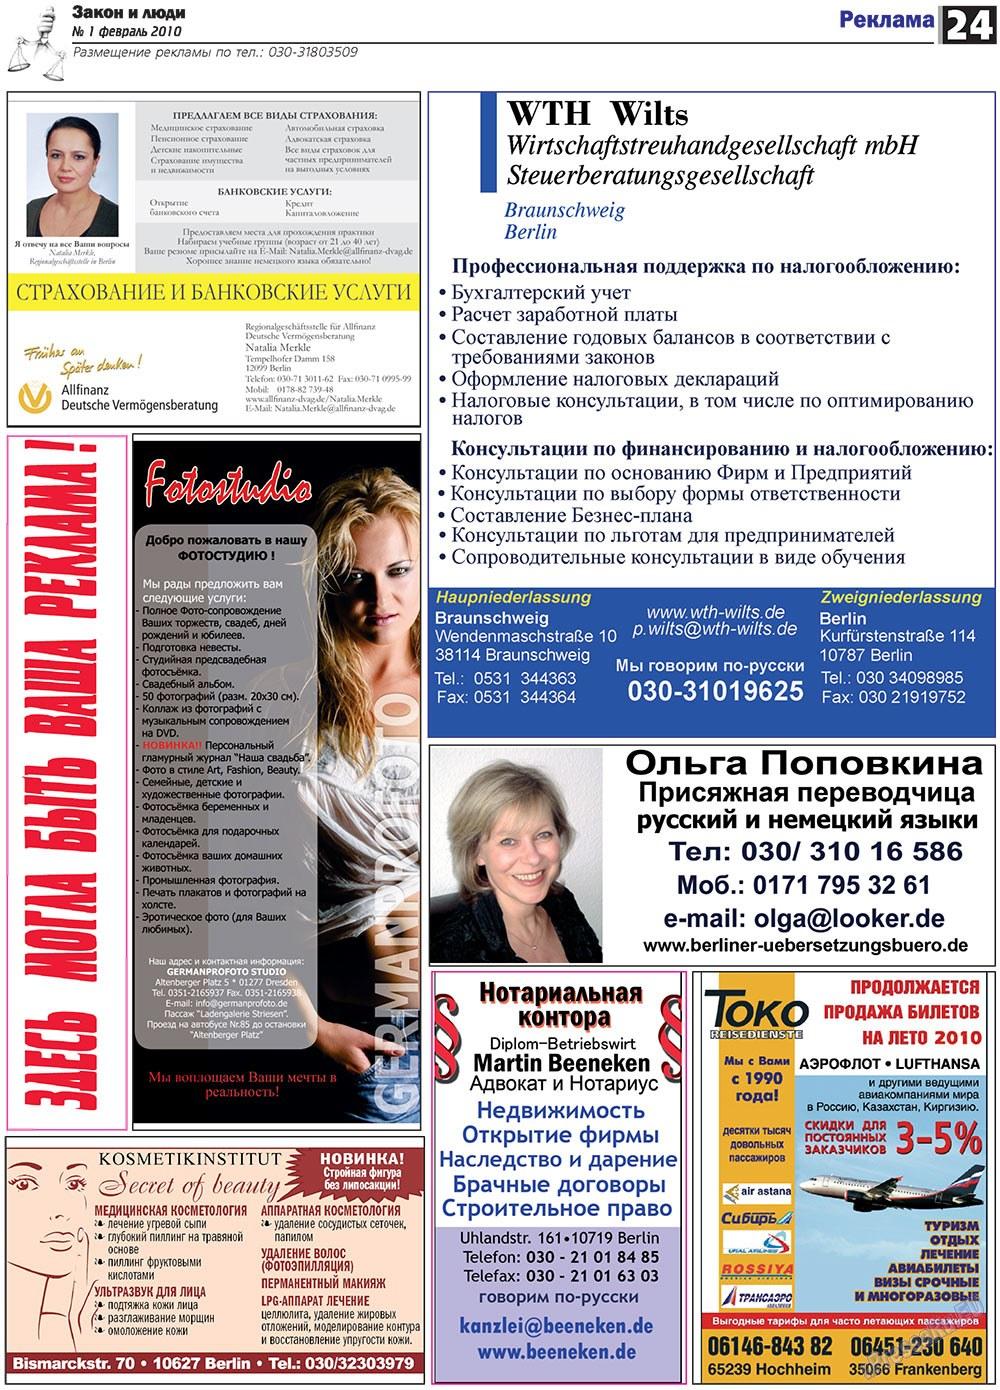 Закон и люди (газета). 2010 год, номер 1, стр. 24